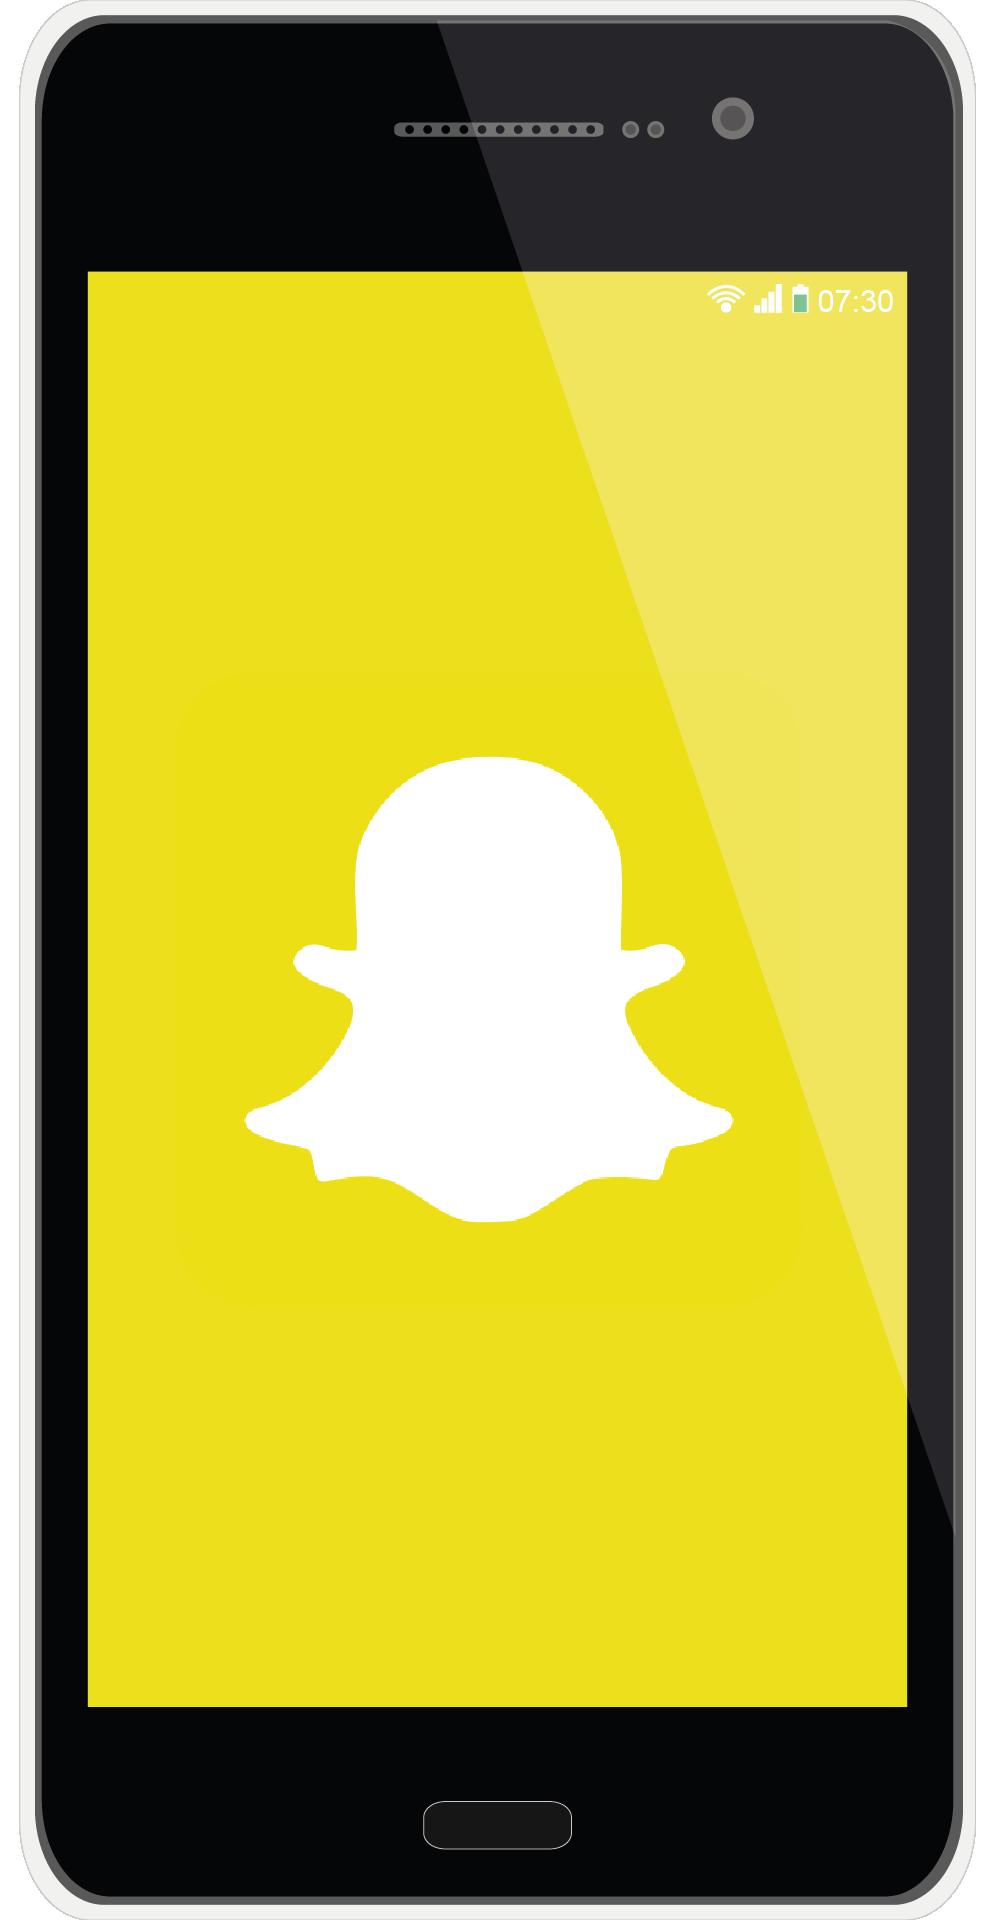 Snapchat universal search